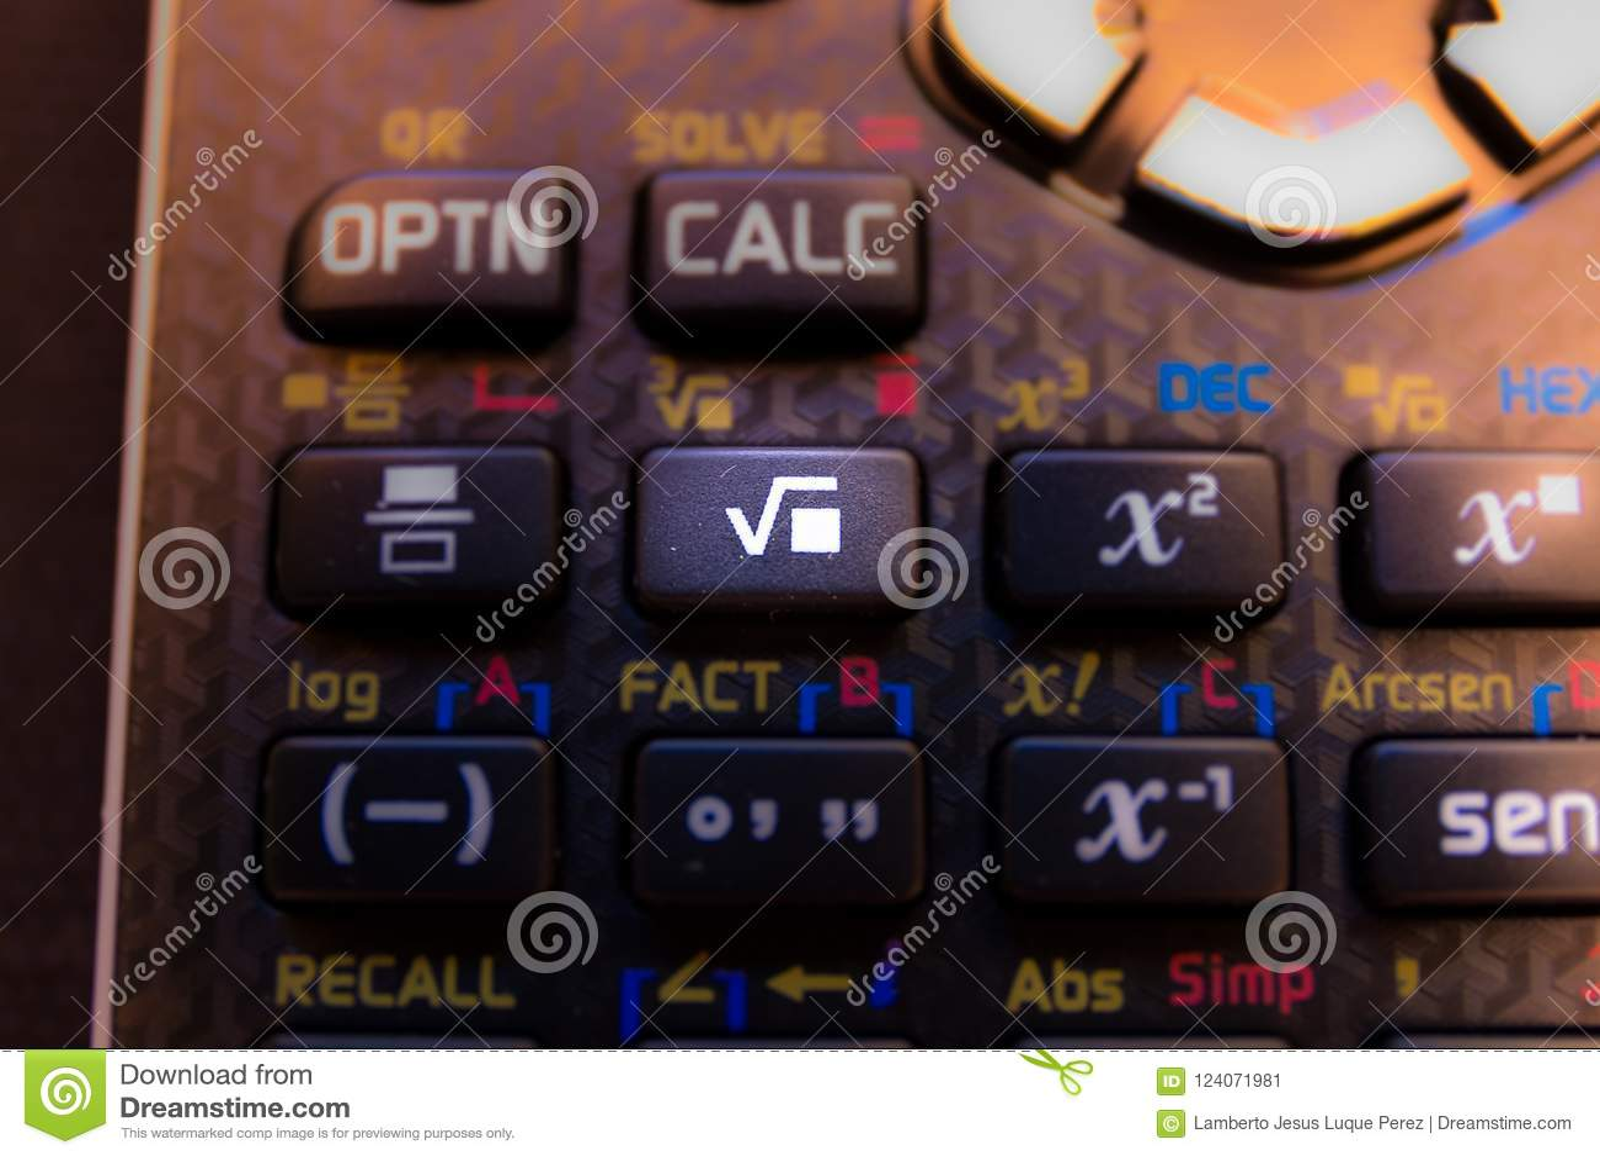 Chave da raiz quadrada do teclado de uma calculadora